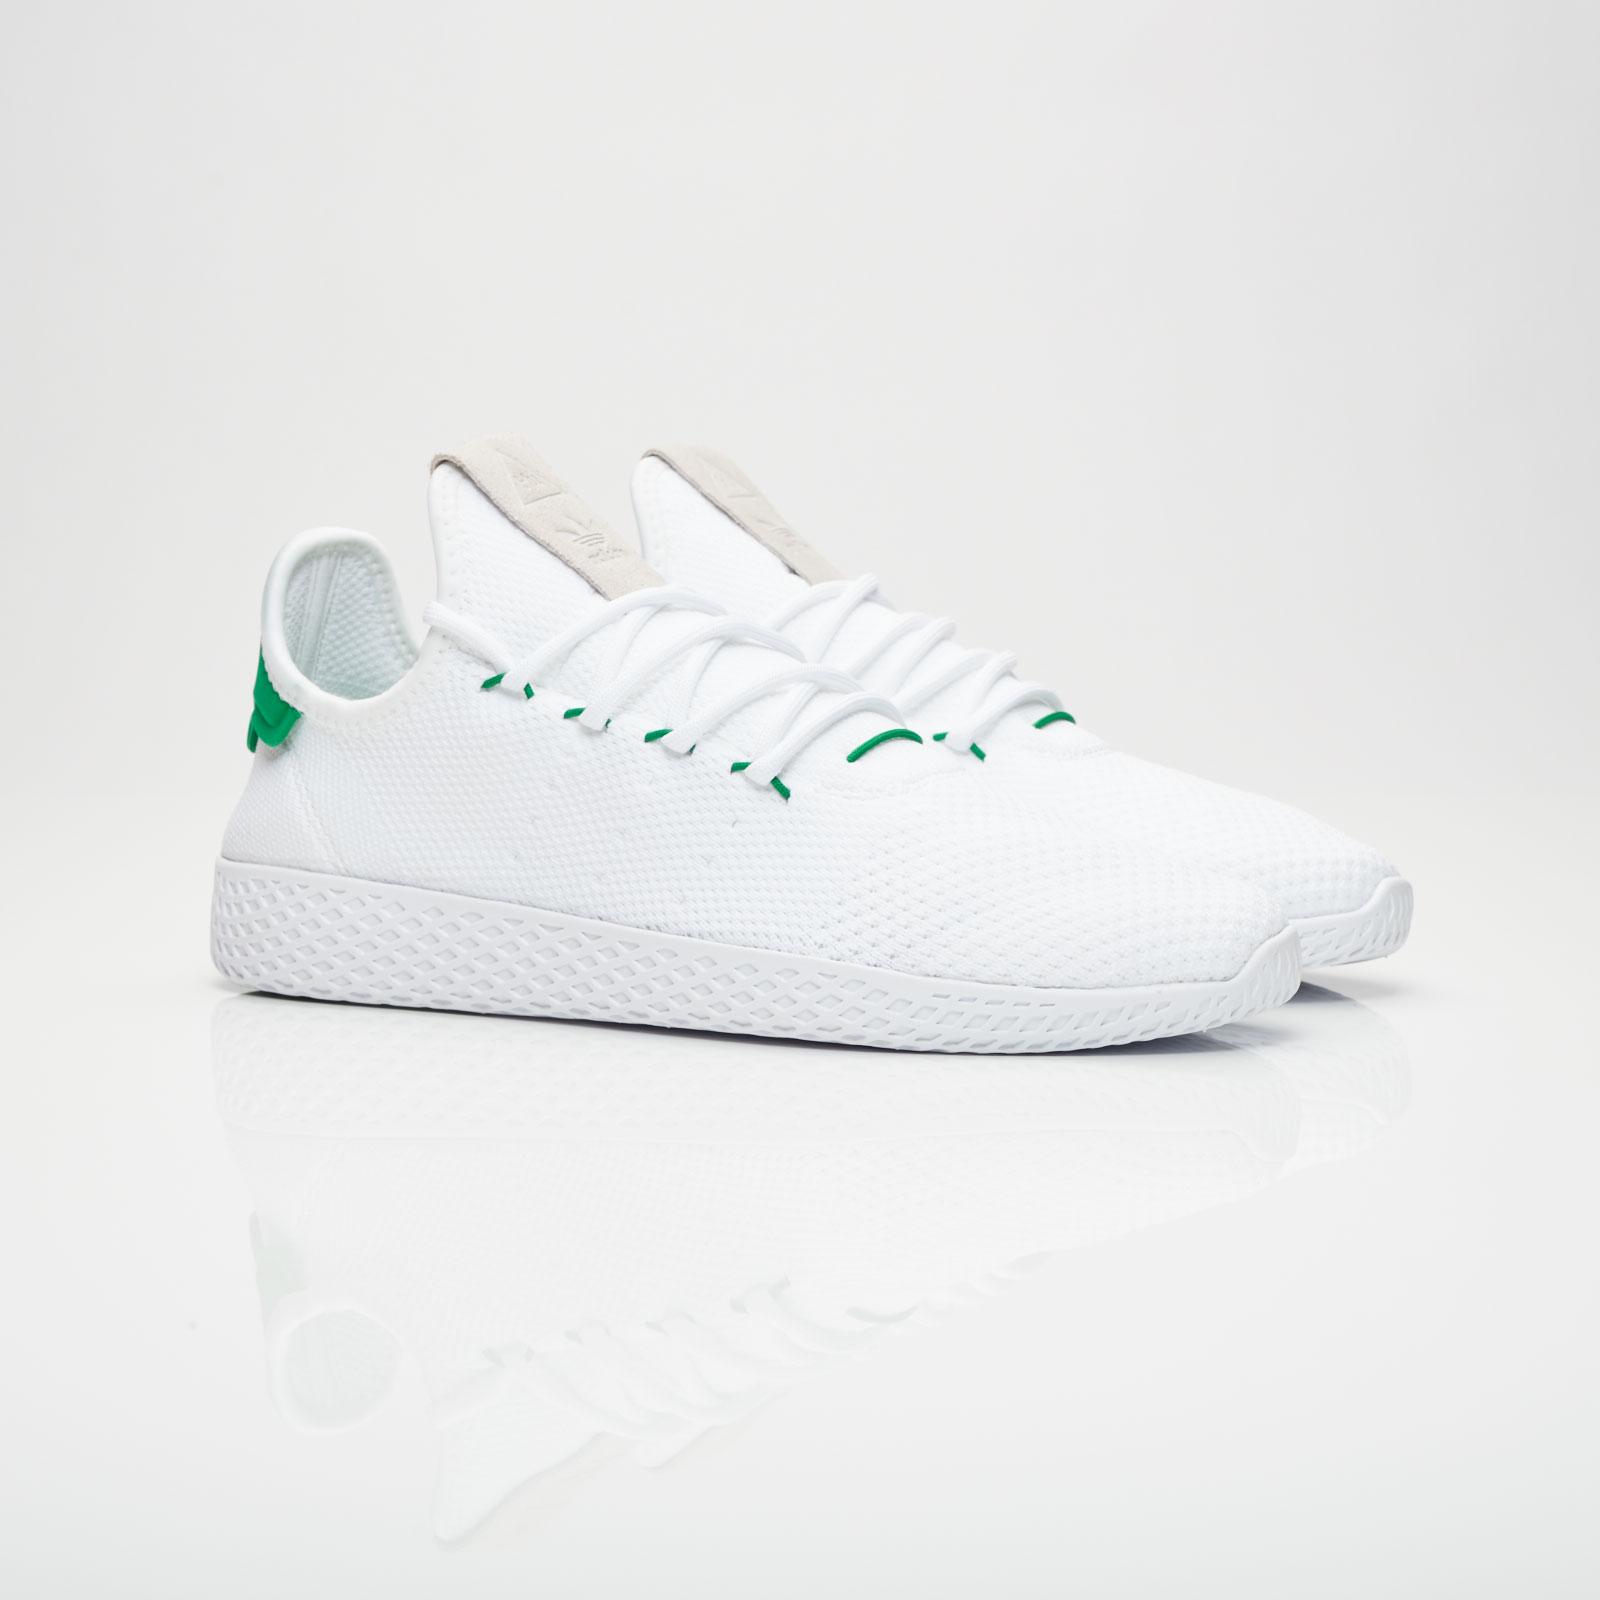 low priced 733c8 b8e4f adidas Originals PW Tennis HU